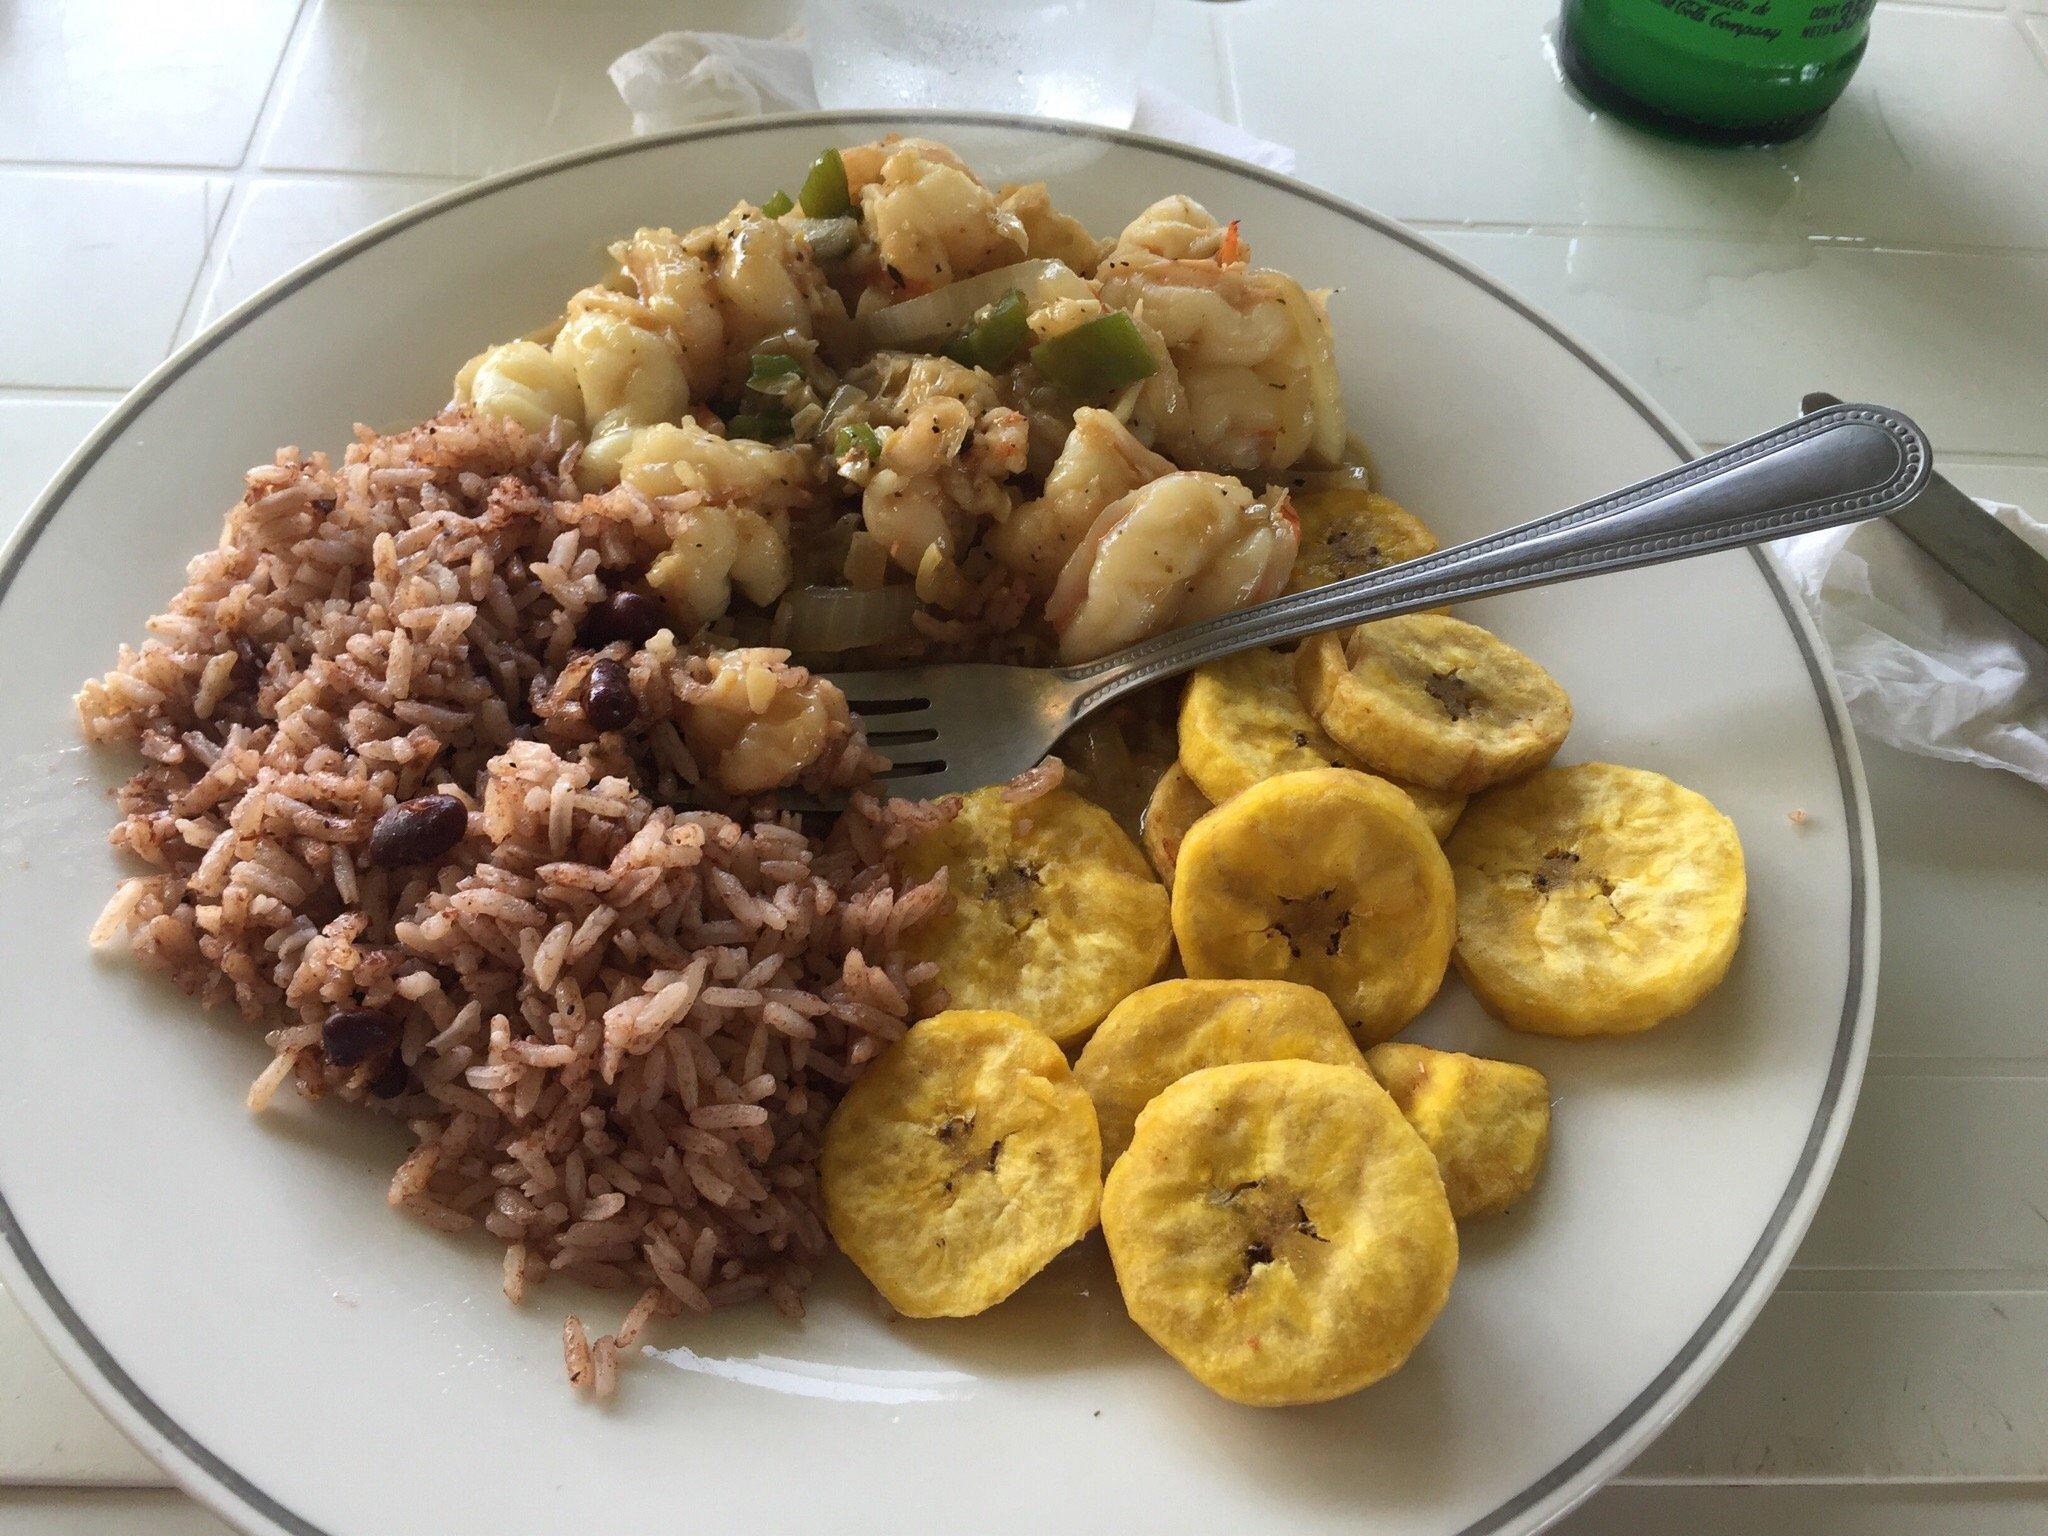 Bertie's Creole Cuisine